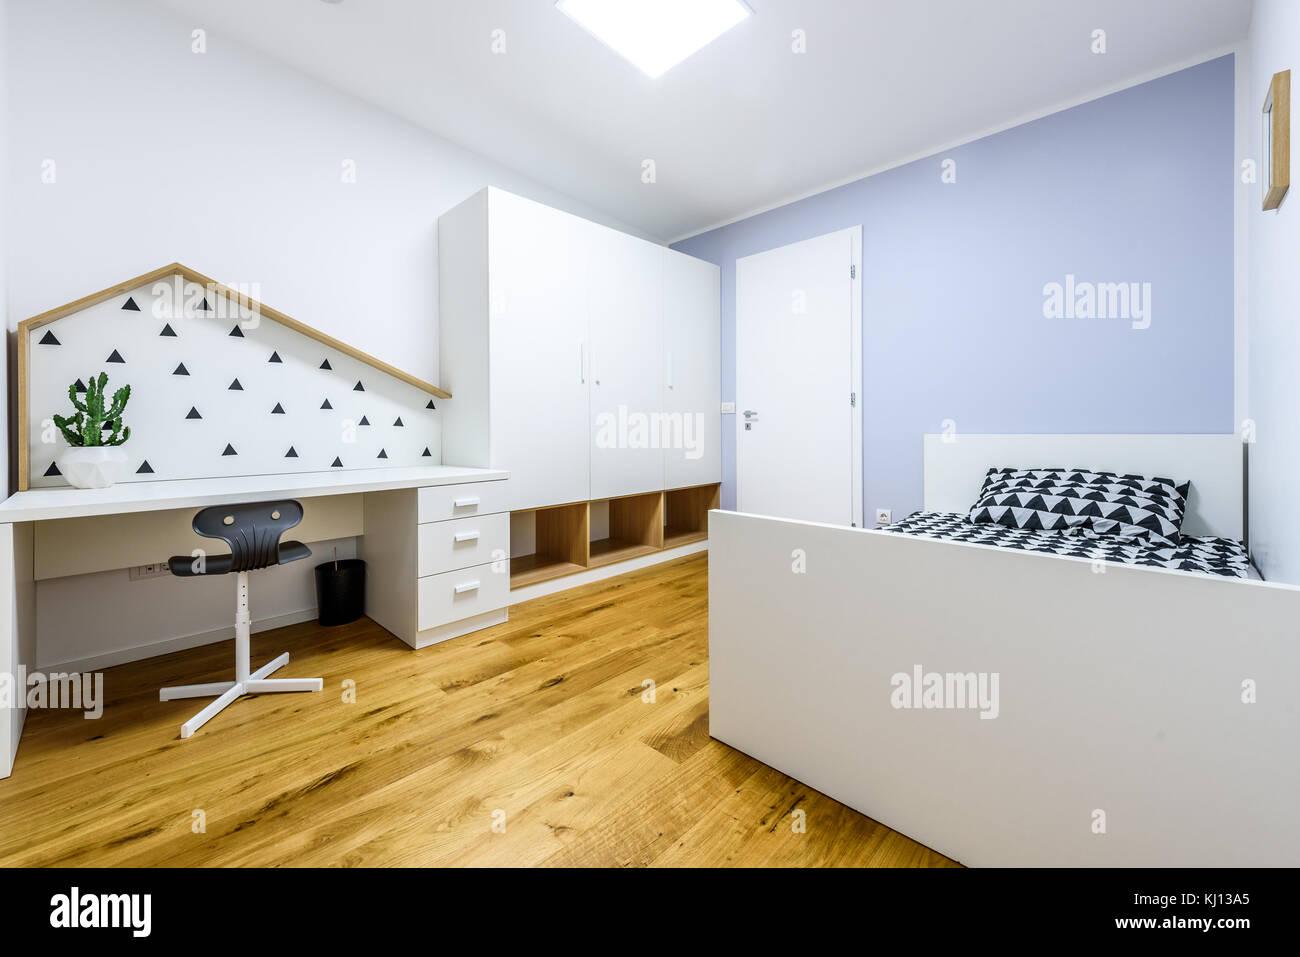 Cool Schreibtisch Teenager Ideen Von Moderne Spielen Kinder Zimmer Mit Bett Und